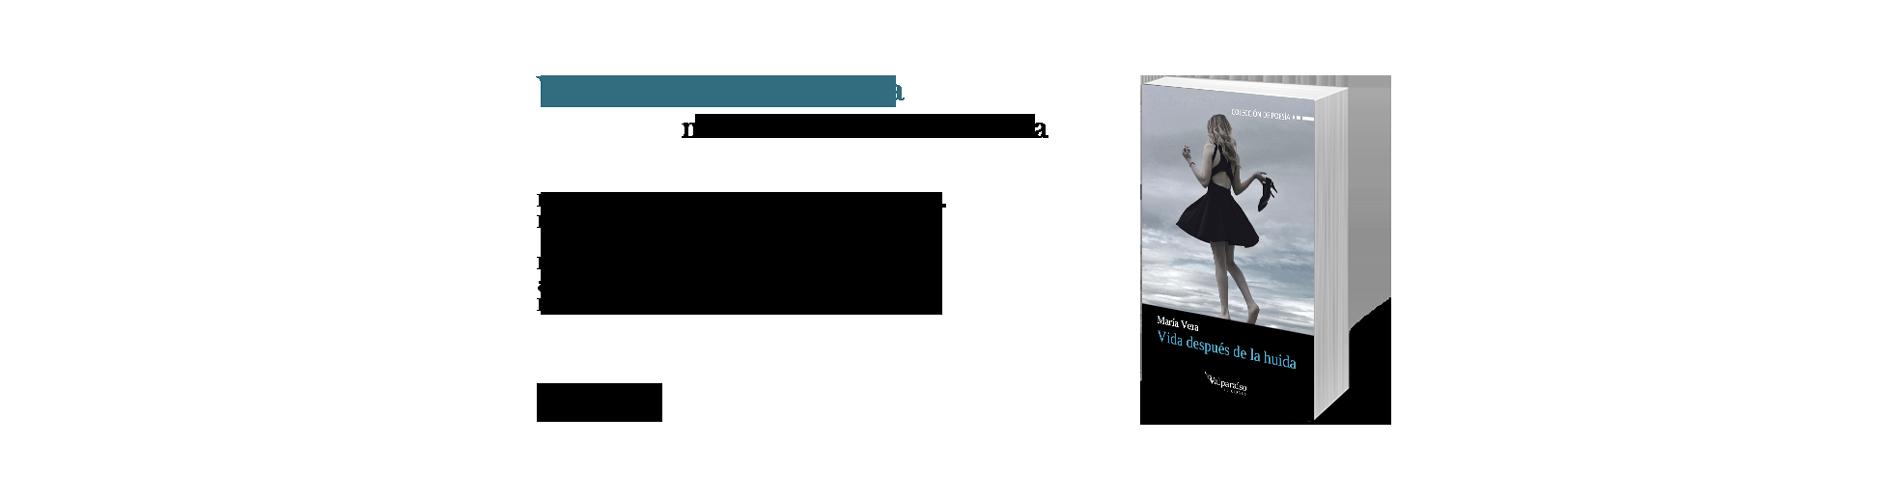 Vida después de la huida, nuevo libro de María Vera